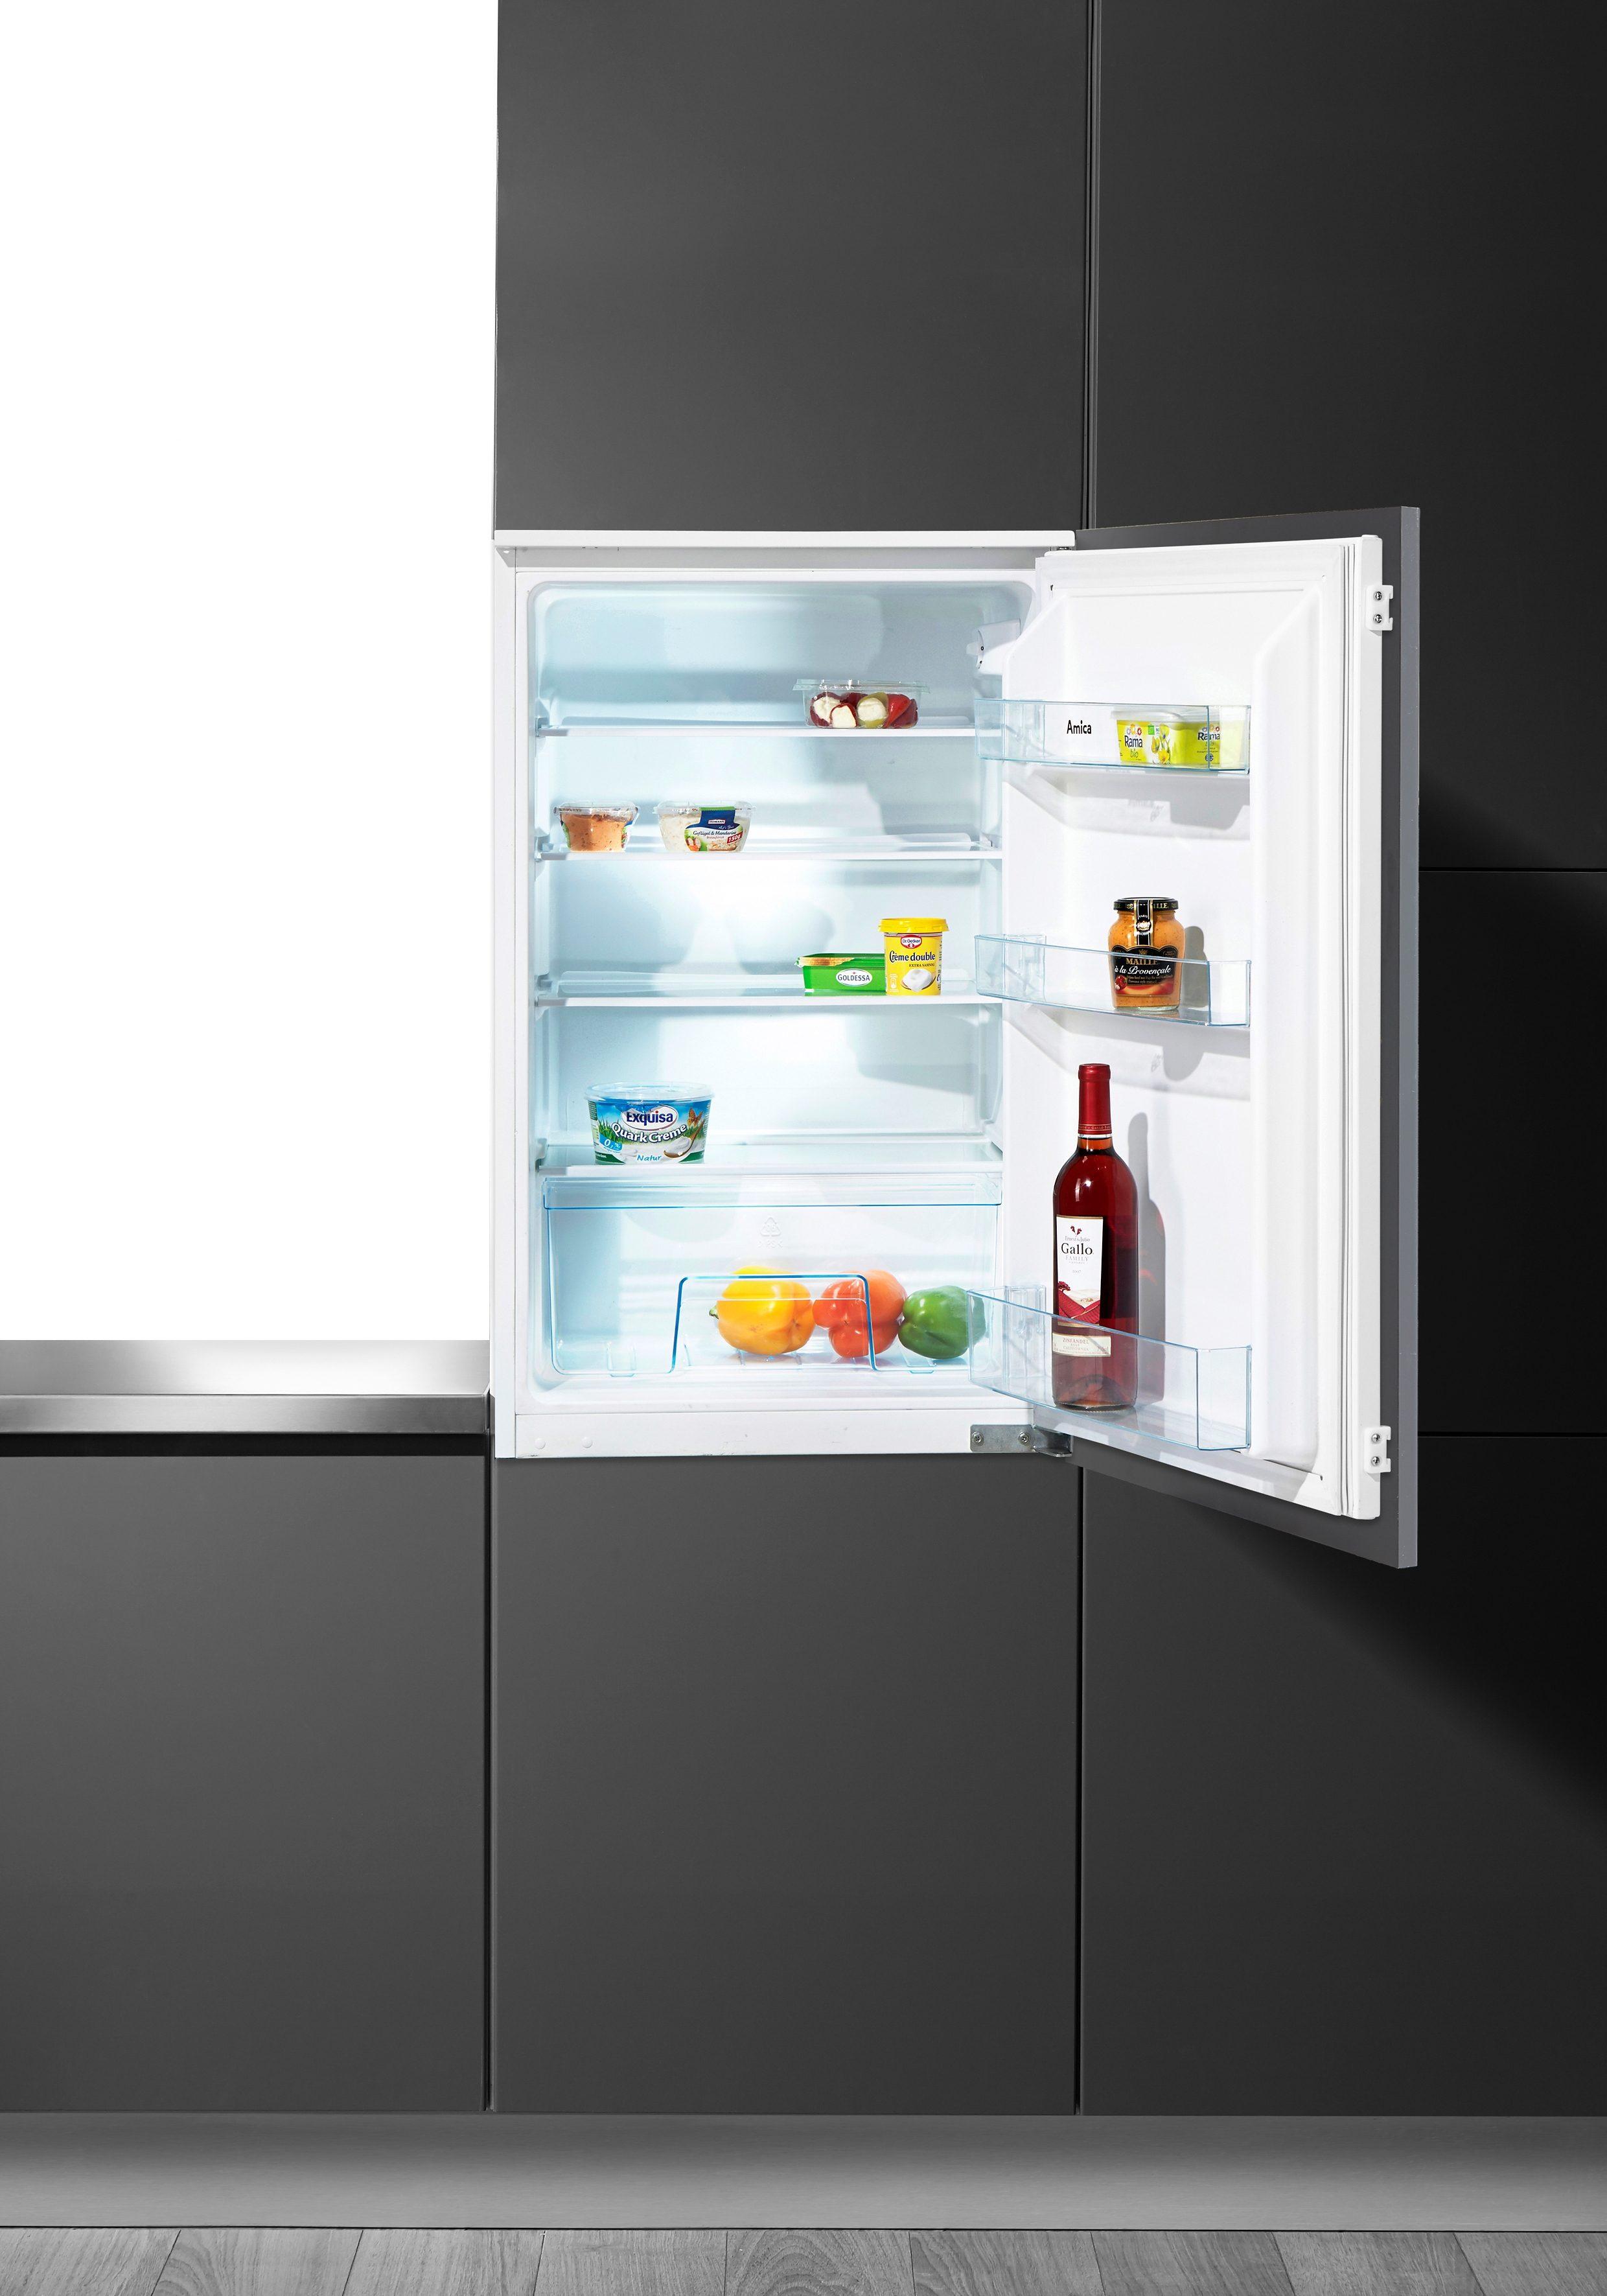 Amica Einbaukühlschrank EVKS 16162, 88 cm hoch, 54 cm breit, A+, integrierbar